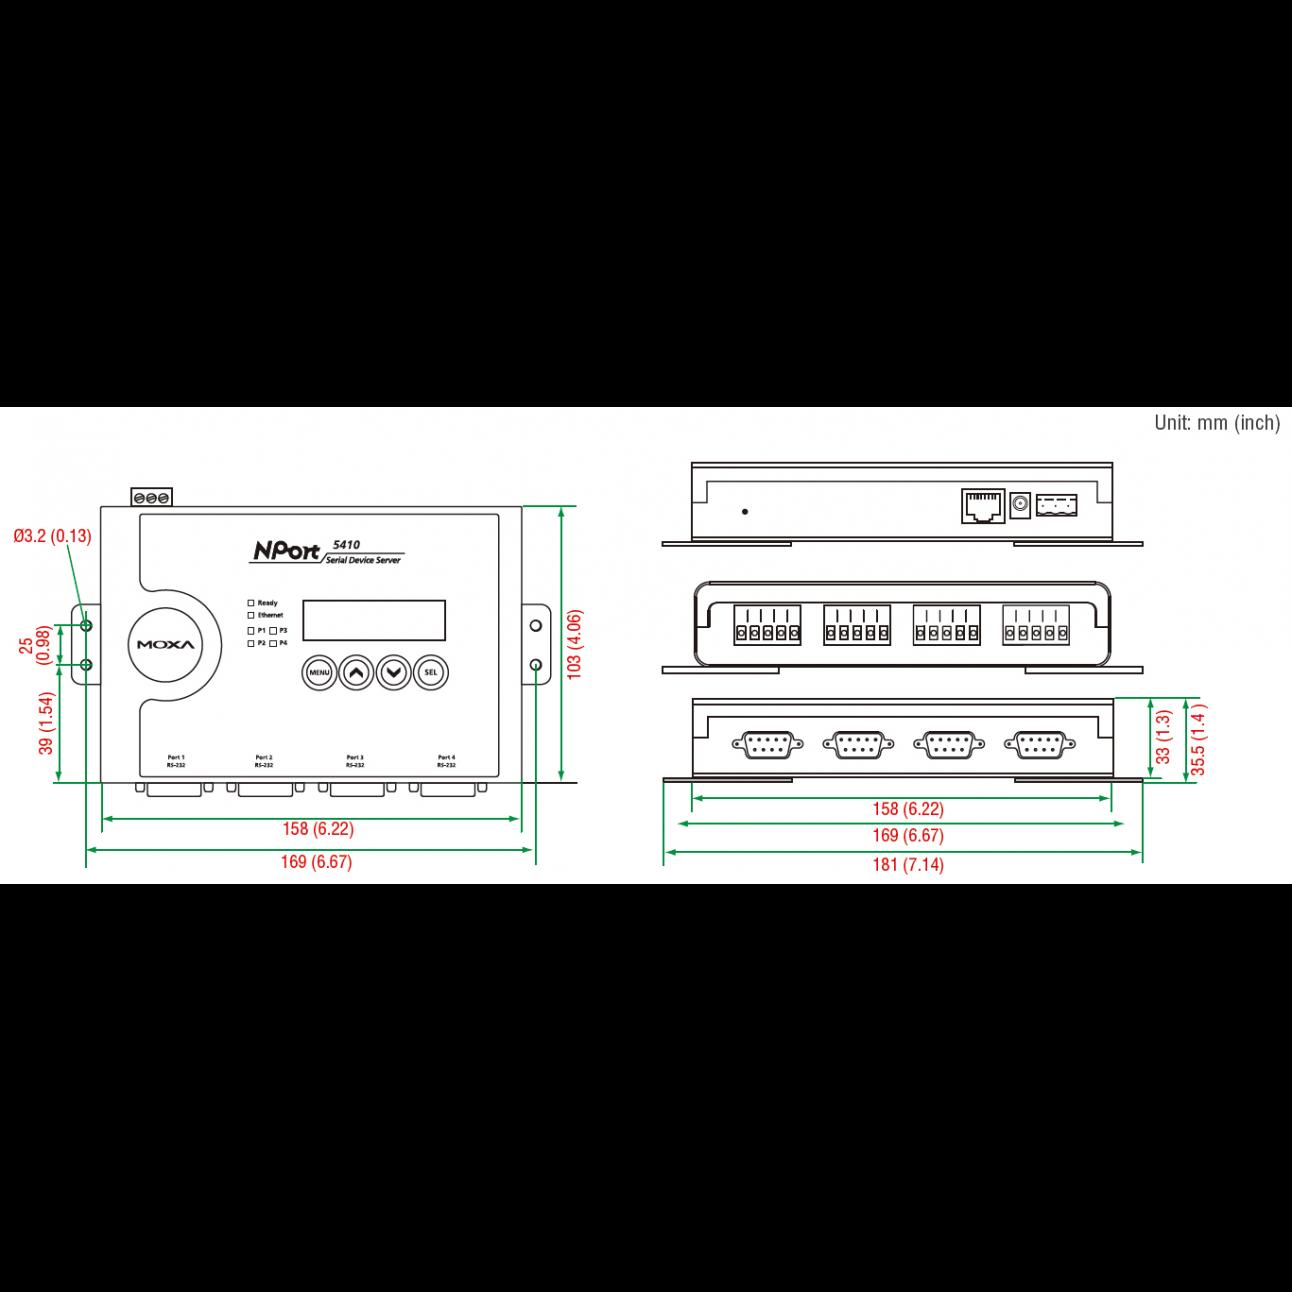 Nport 5410 4-портовый асинхронный сервер RS-232 в Ethernet MOXA